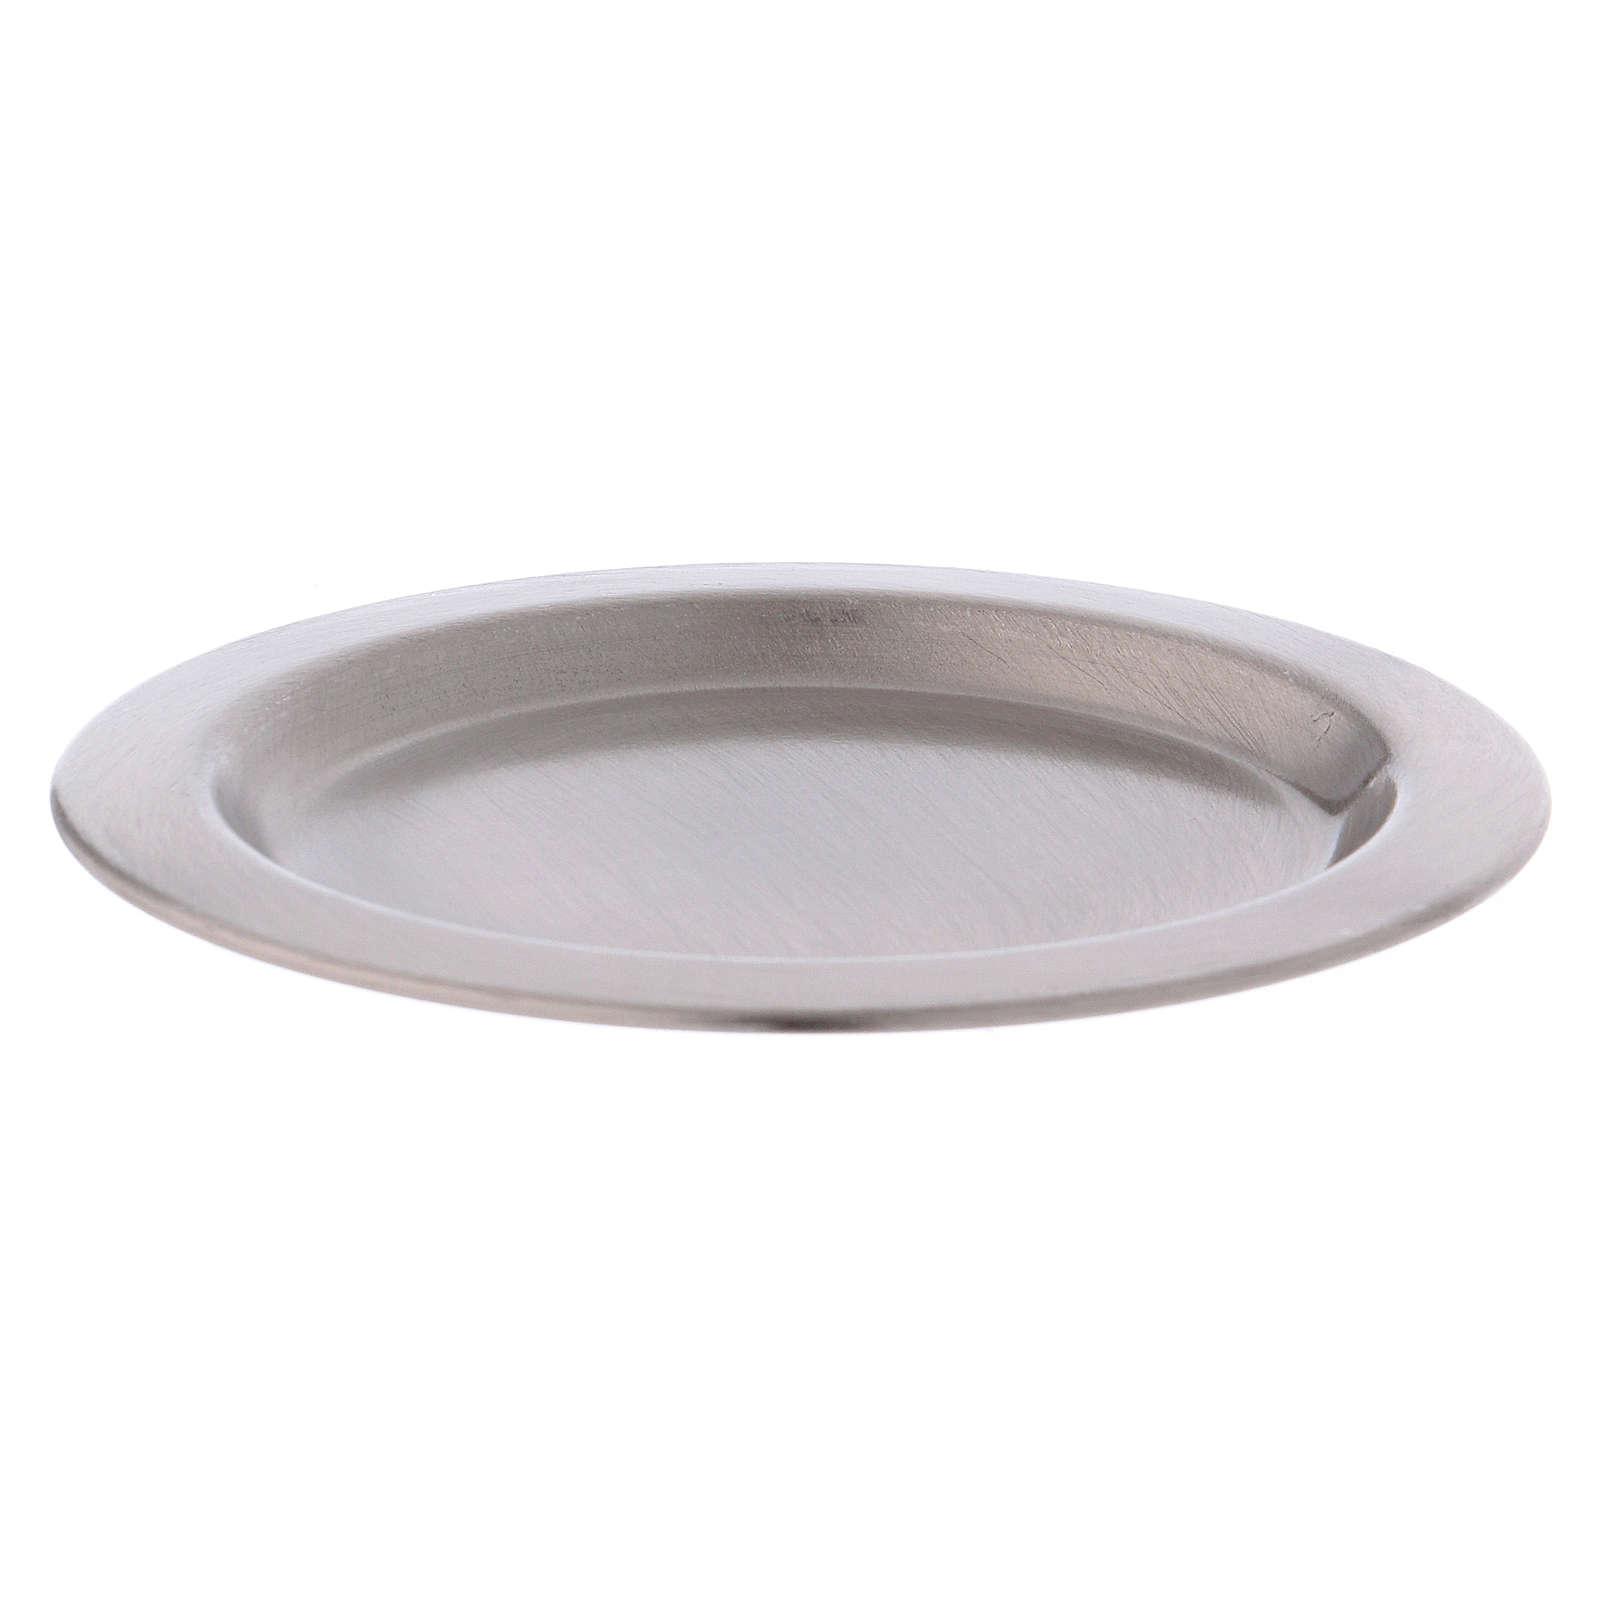 Assiette porte-bougie en laiton argenté satiné 11 cm diamètre 3